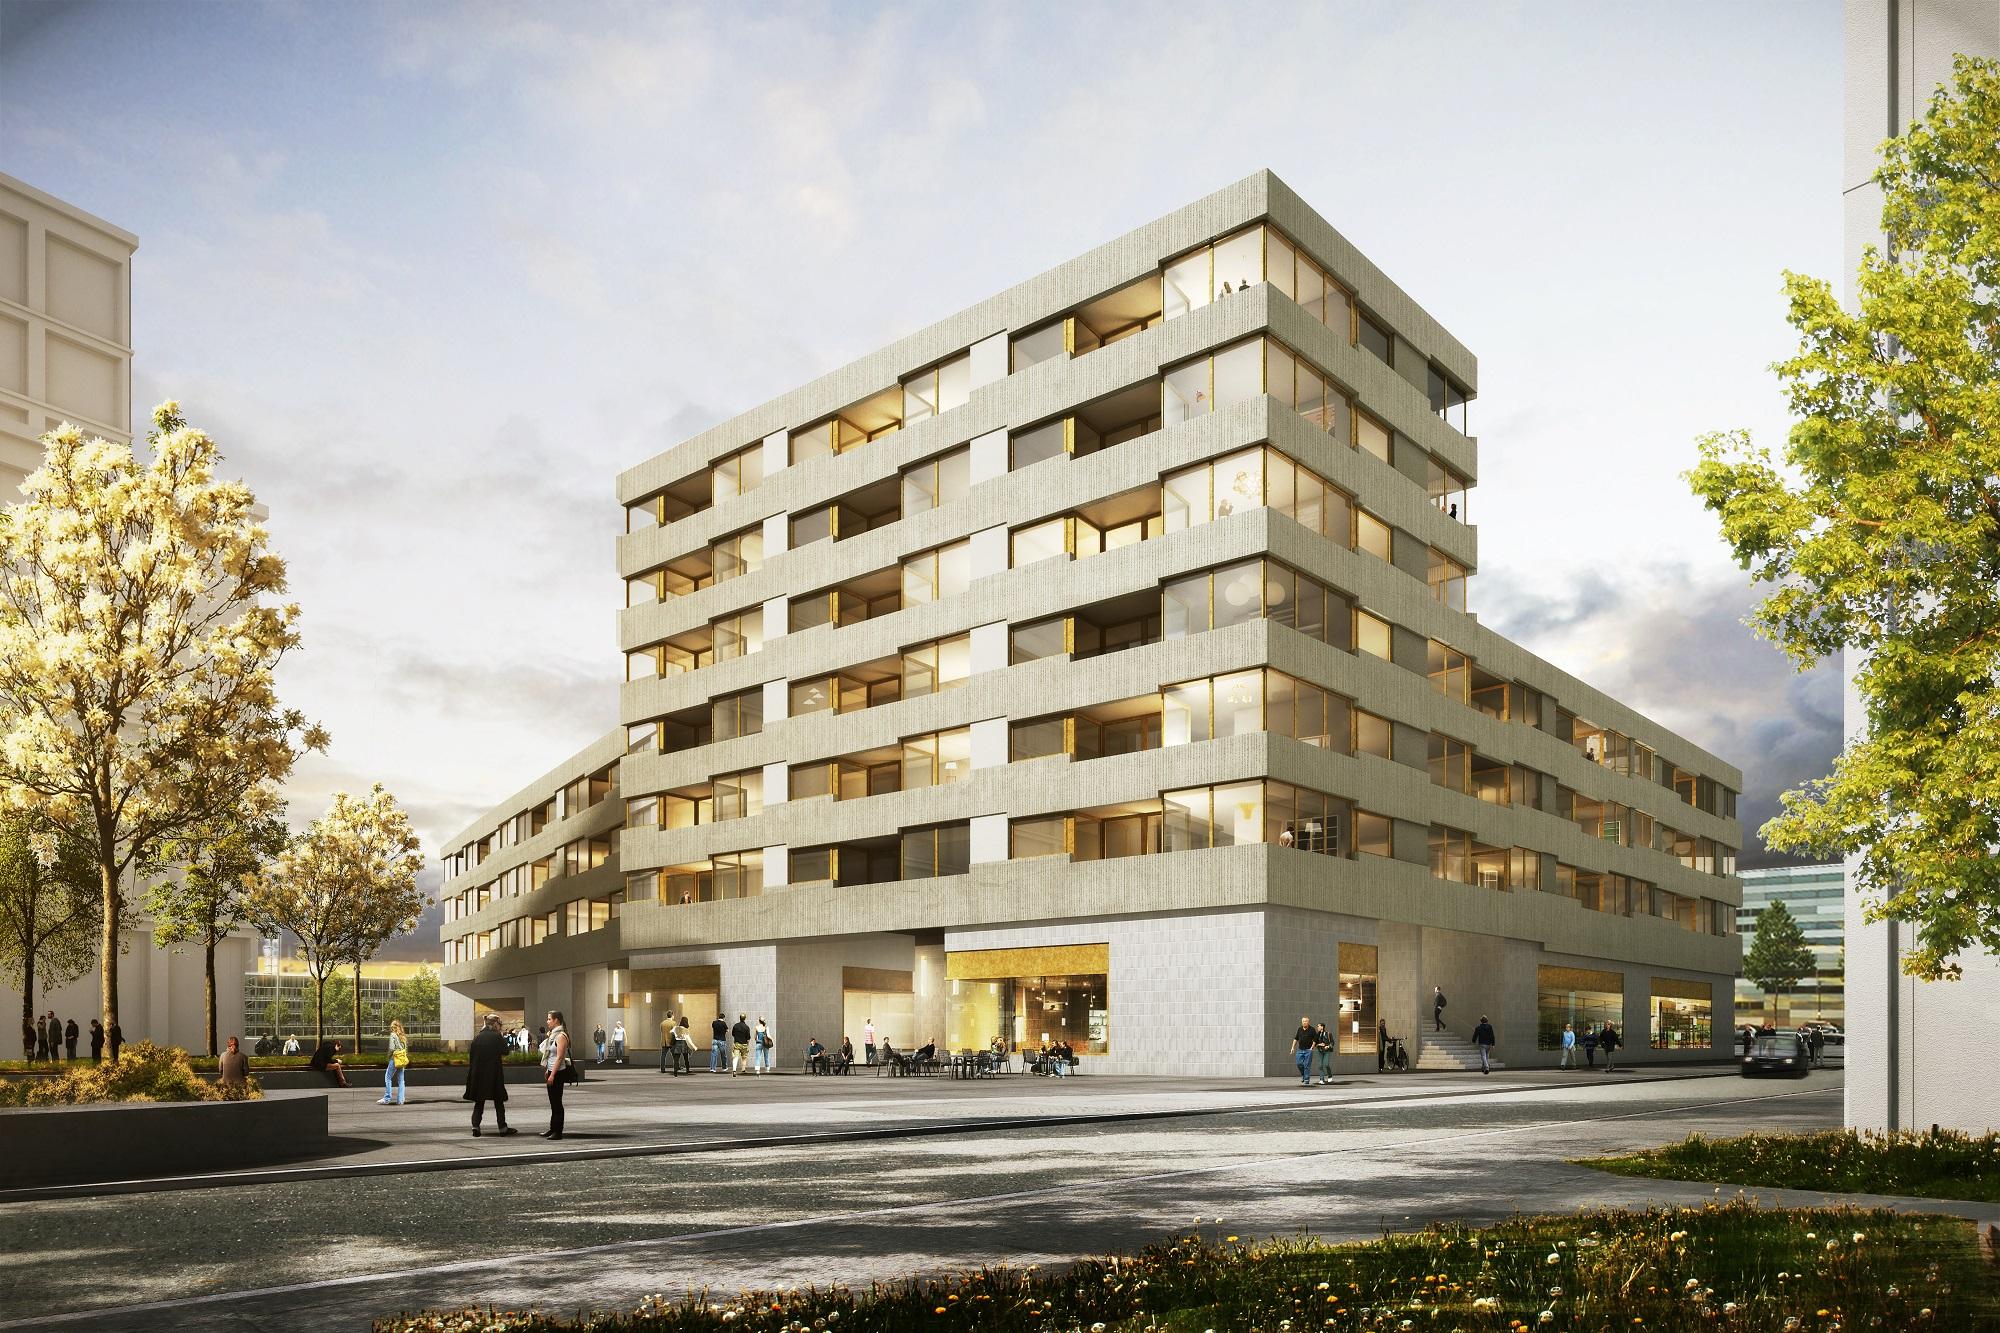 München-Riem: Neubau eines Wohn- und Geschäftshauses - Ten Brinke Bayern